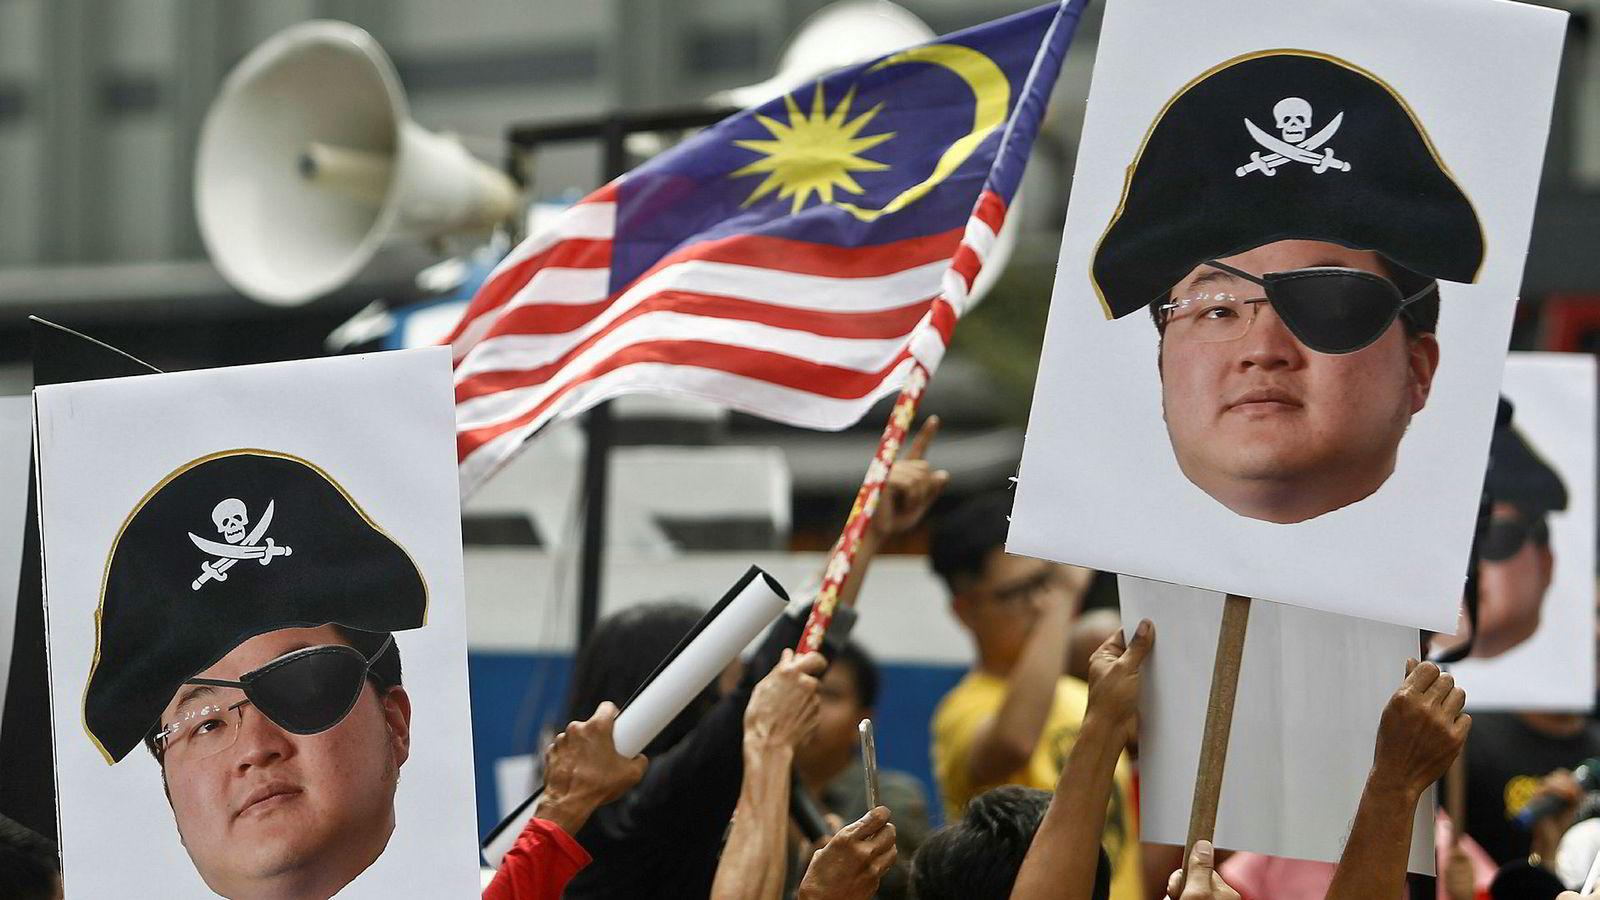 Den malaysiske finansakrobaten Low Taek Jho er på rømmen og ettersøkt over hele verden. Han er tiltalt for hvitvasking og underslag. Den tidligere toppsjefen for Goldman Sachs i Sørøst-Asia har erklært seg skyldig og akseptert en bot på over 43 millioner dollar.